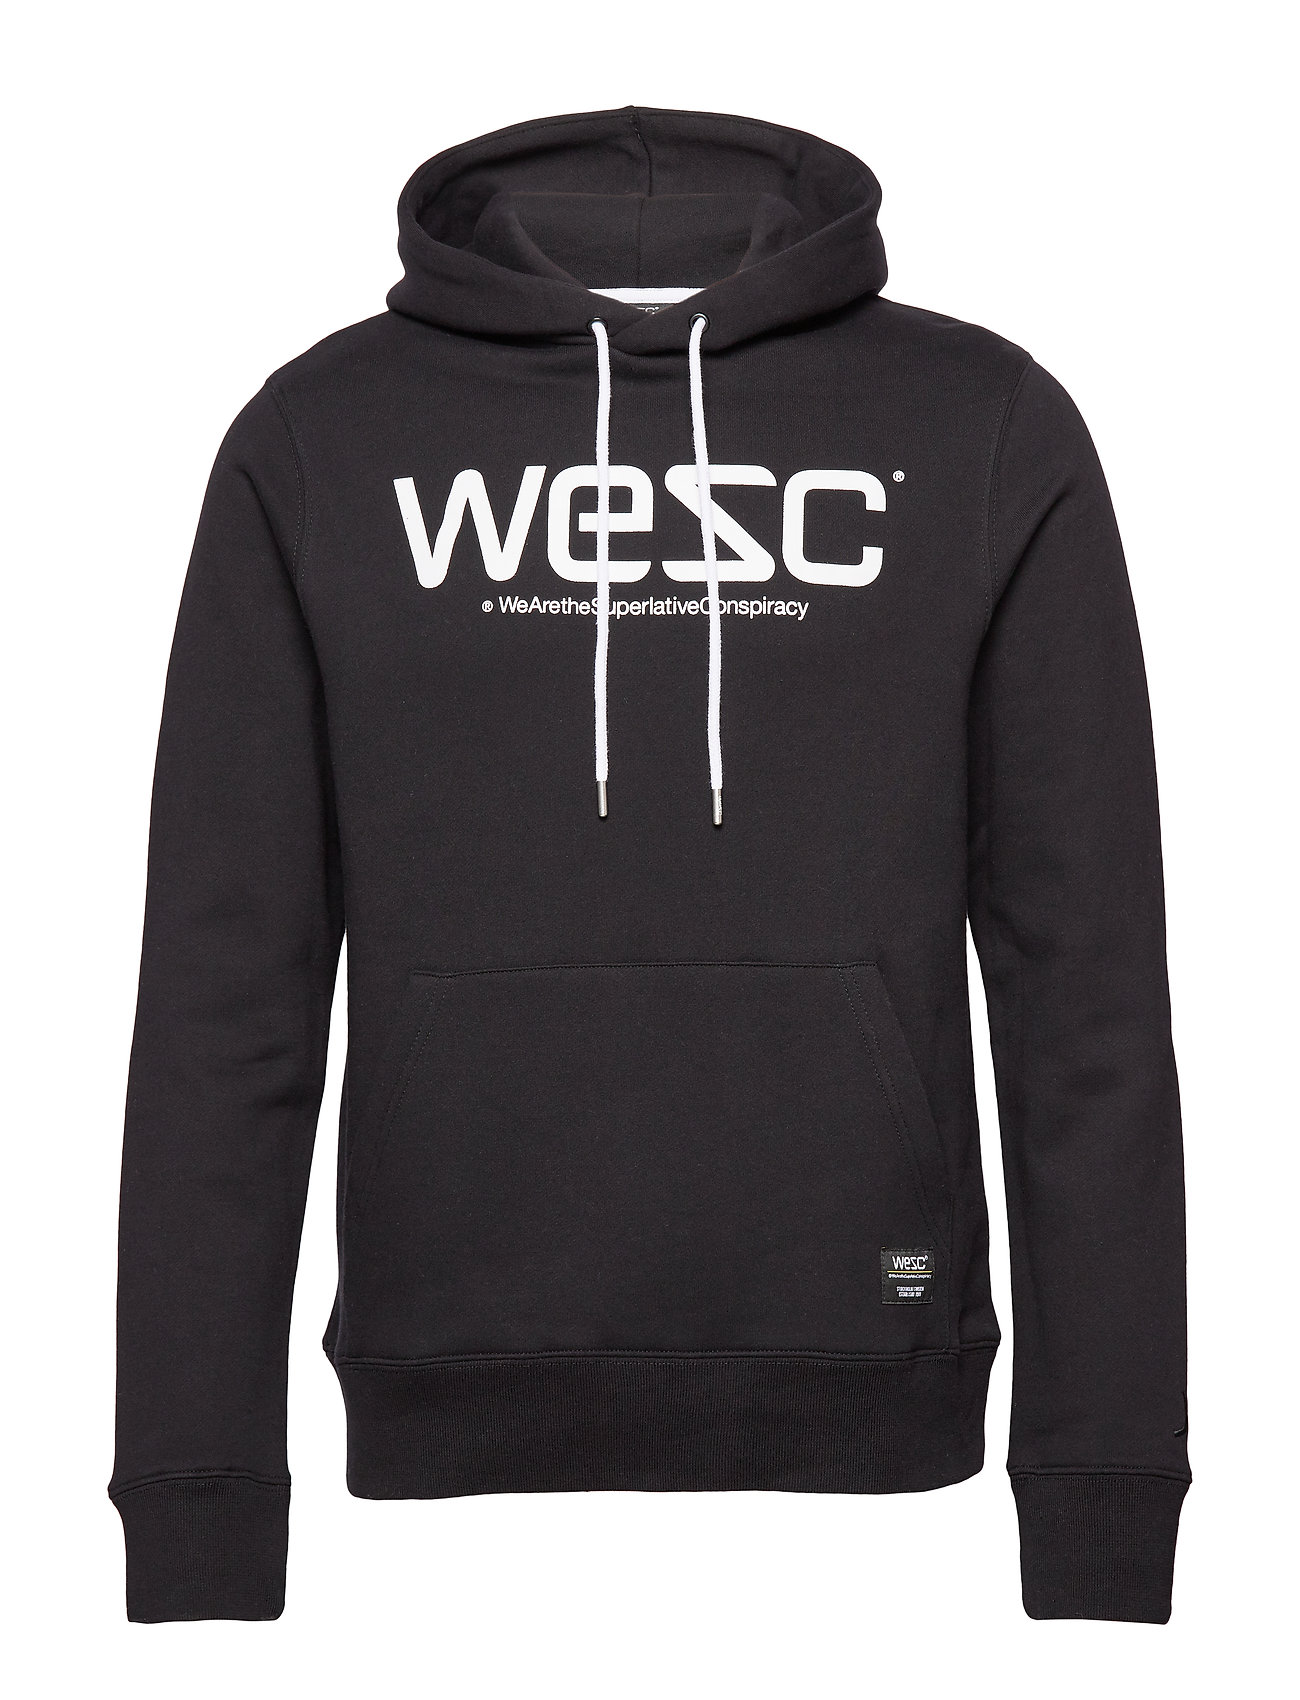 WeSC WeSC HOODIE - BLACK